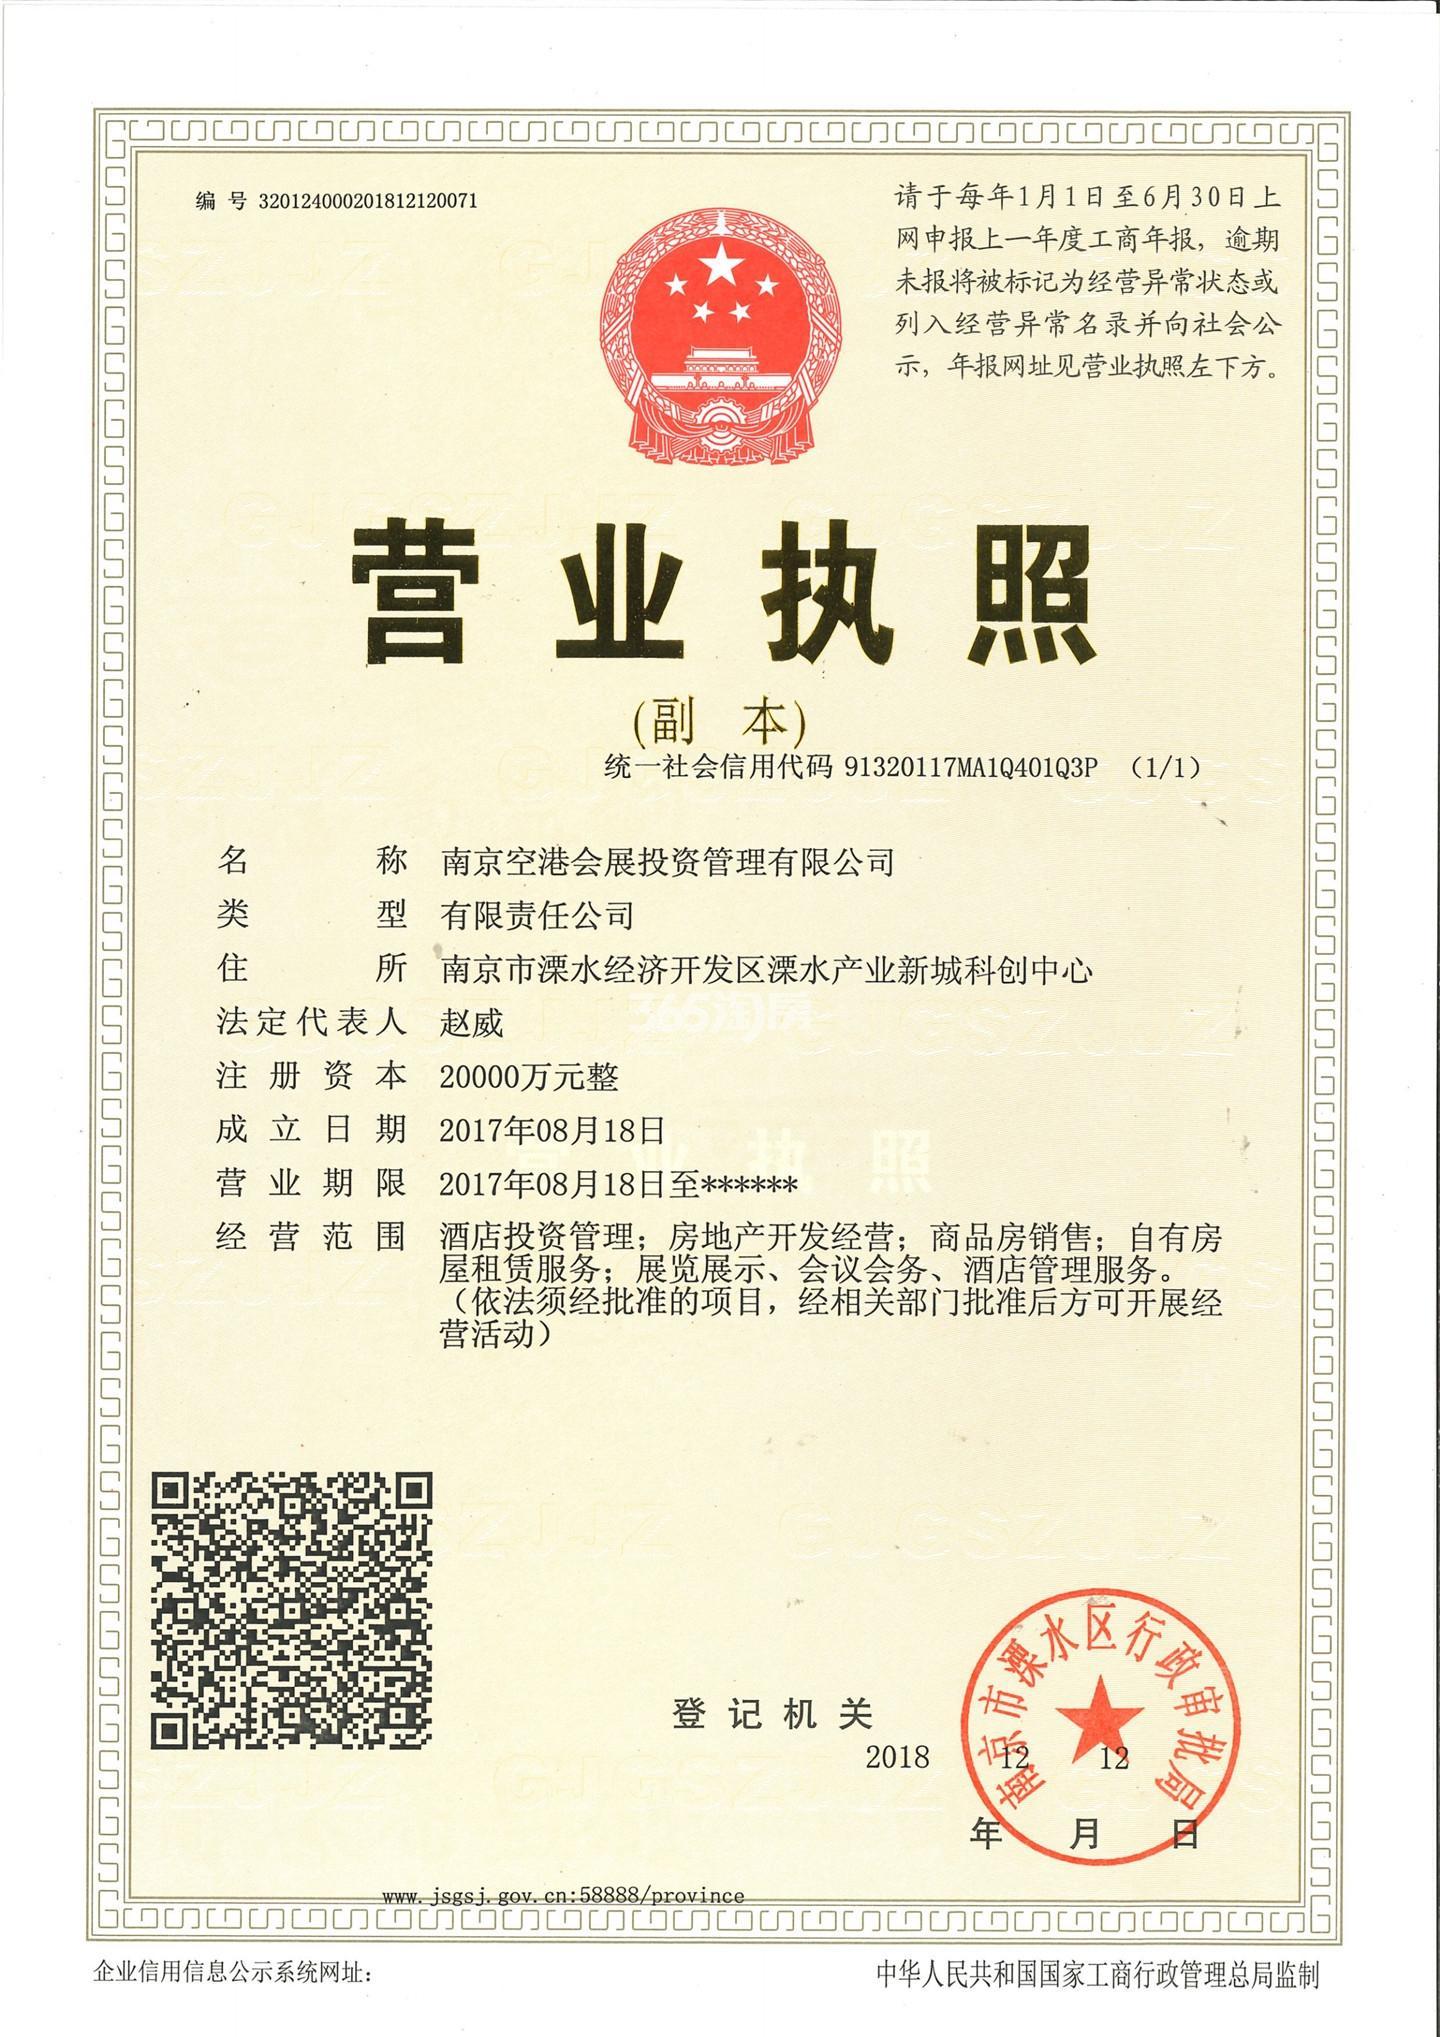 银城孔雀城荟见未来销售证照